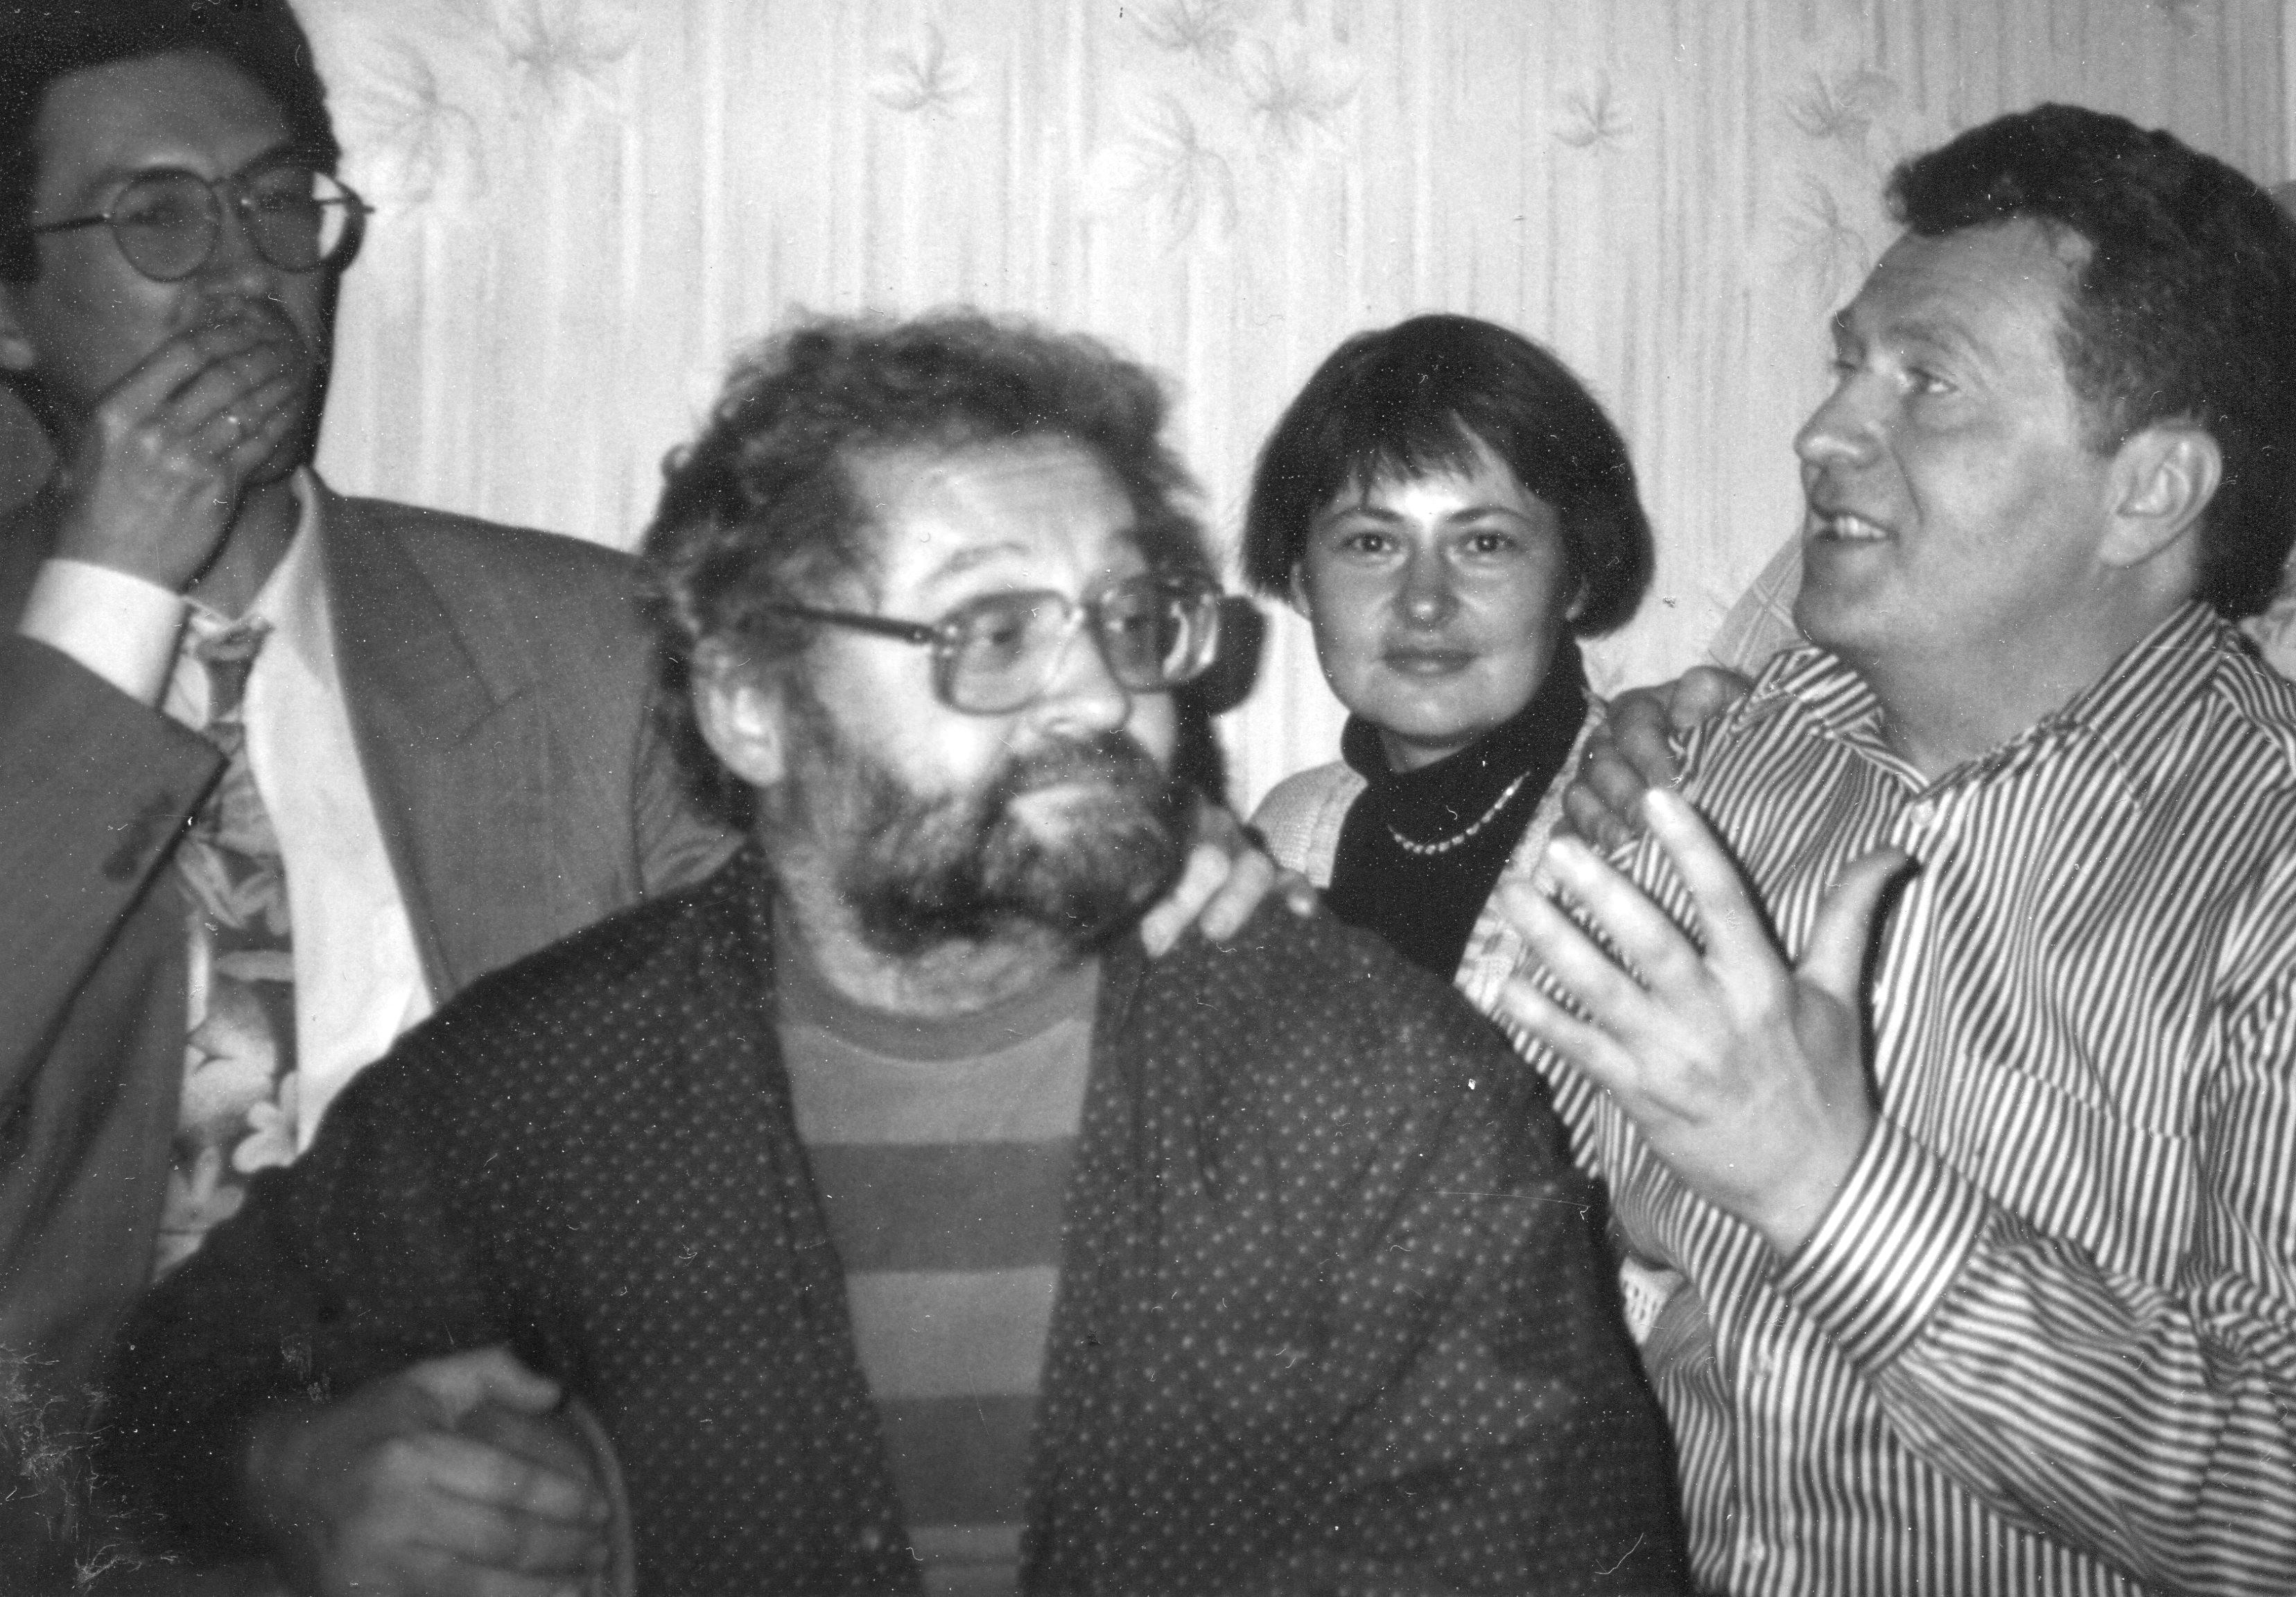 В гостях у автора. Середина 1990-х. Сзади блогер Андрей Мальгин и его жена. Спереди – В. Козловский и В. Жириновский.